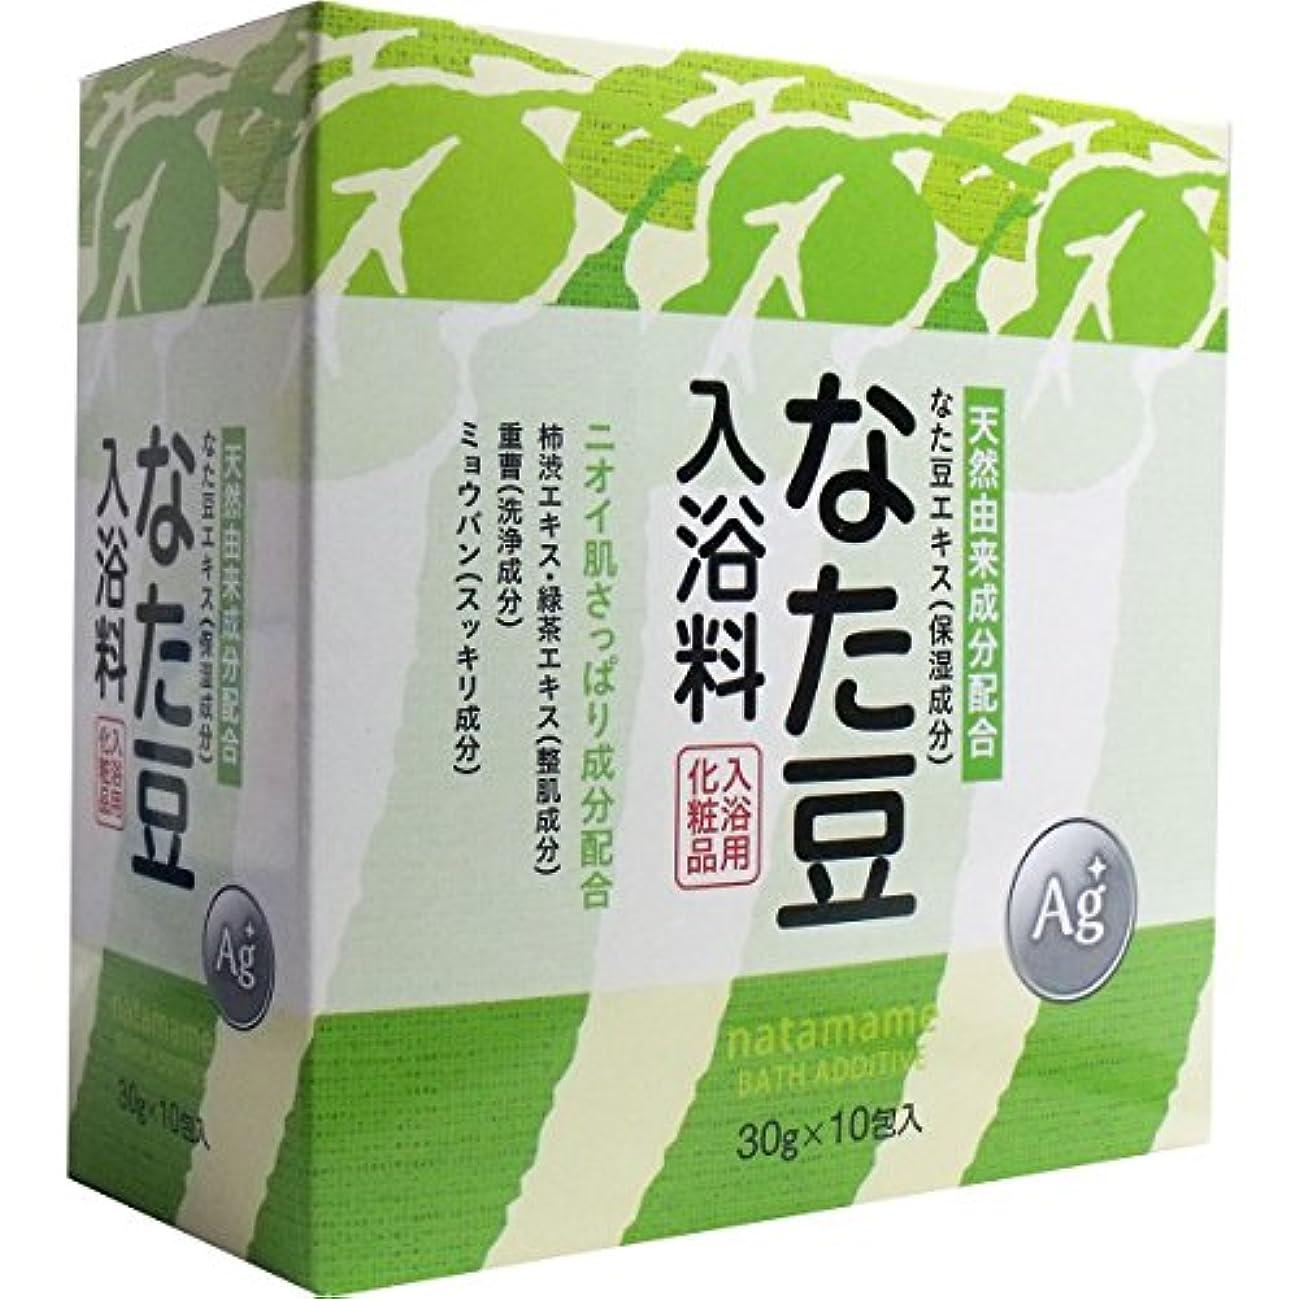 レパートリー三角ドロップなた豆入浴料 入浴用化粧品 30g×10包入×6